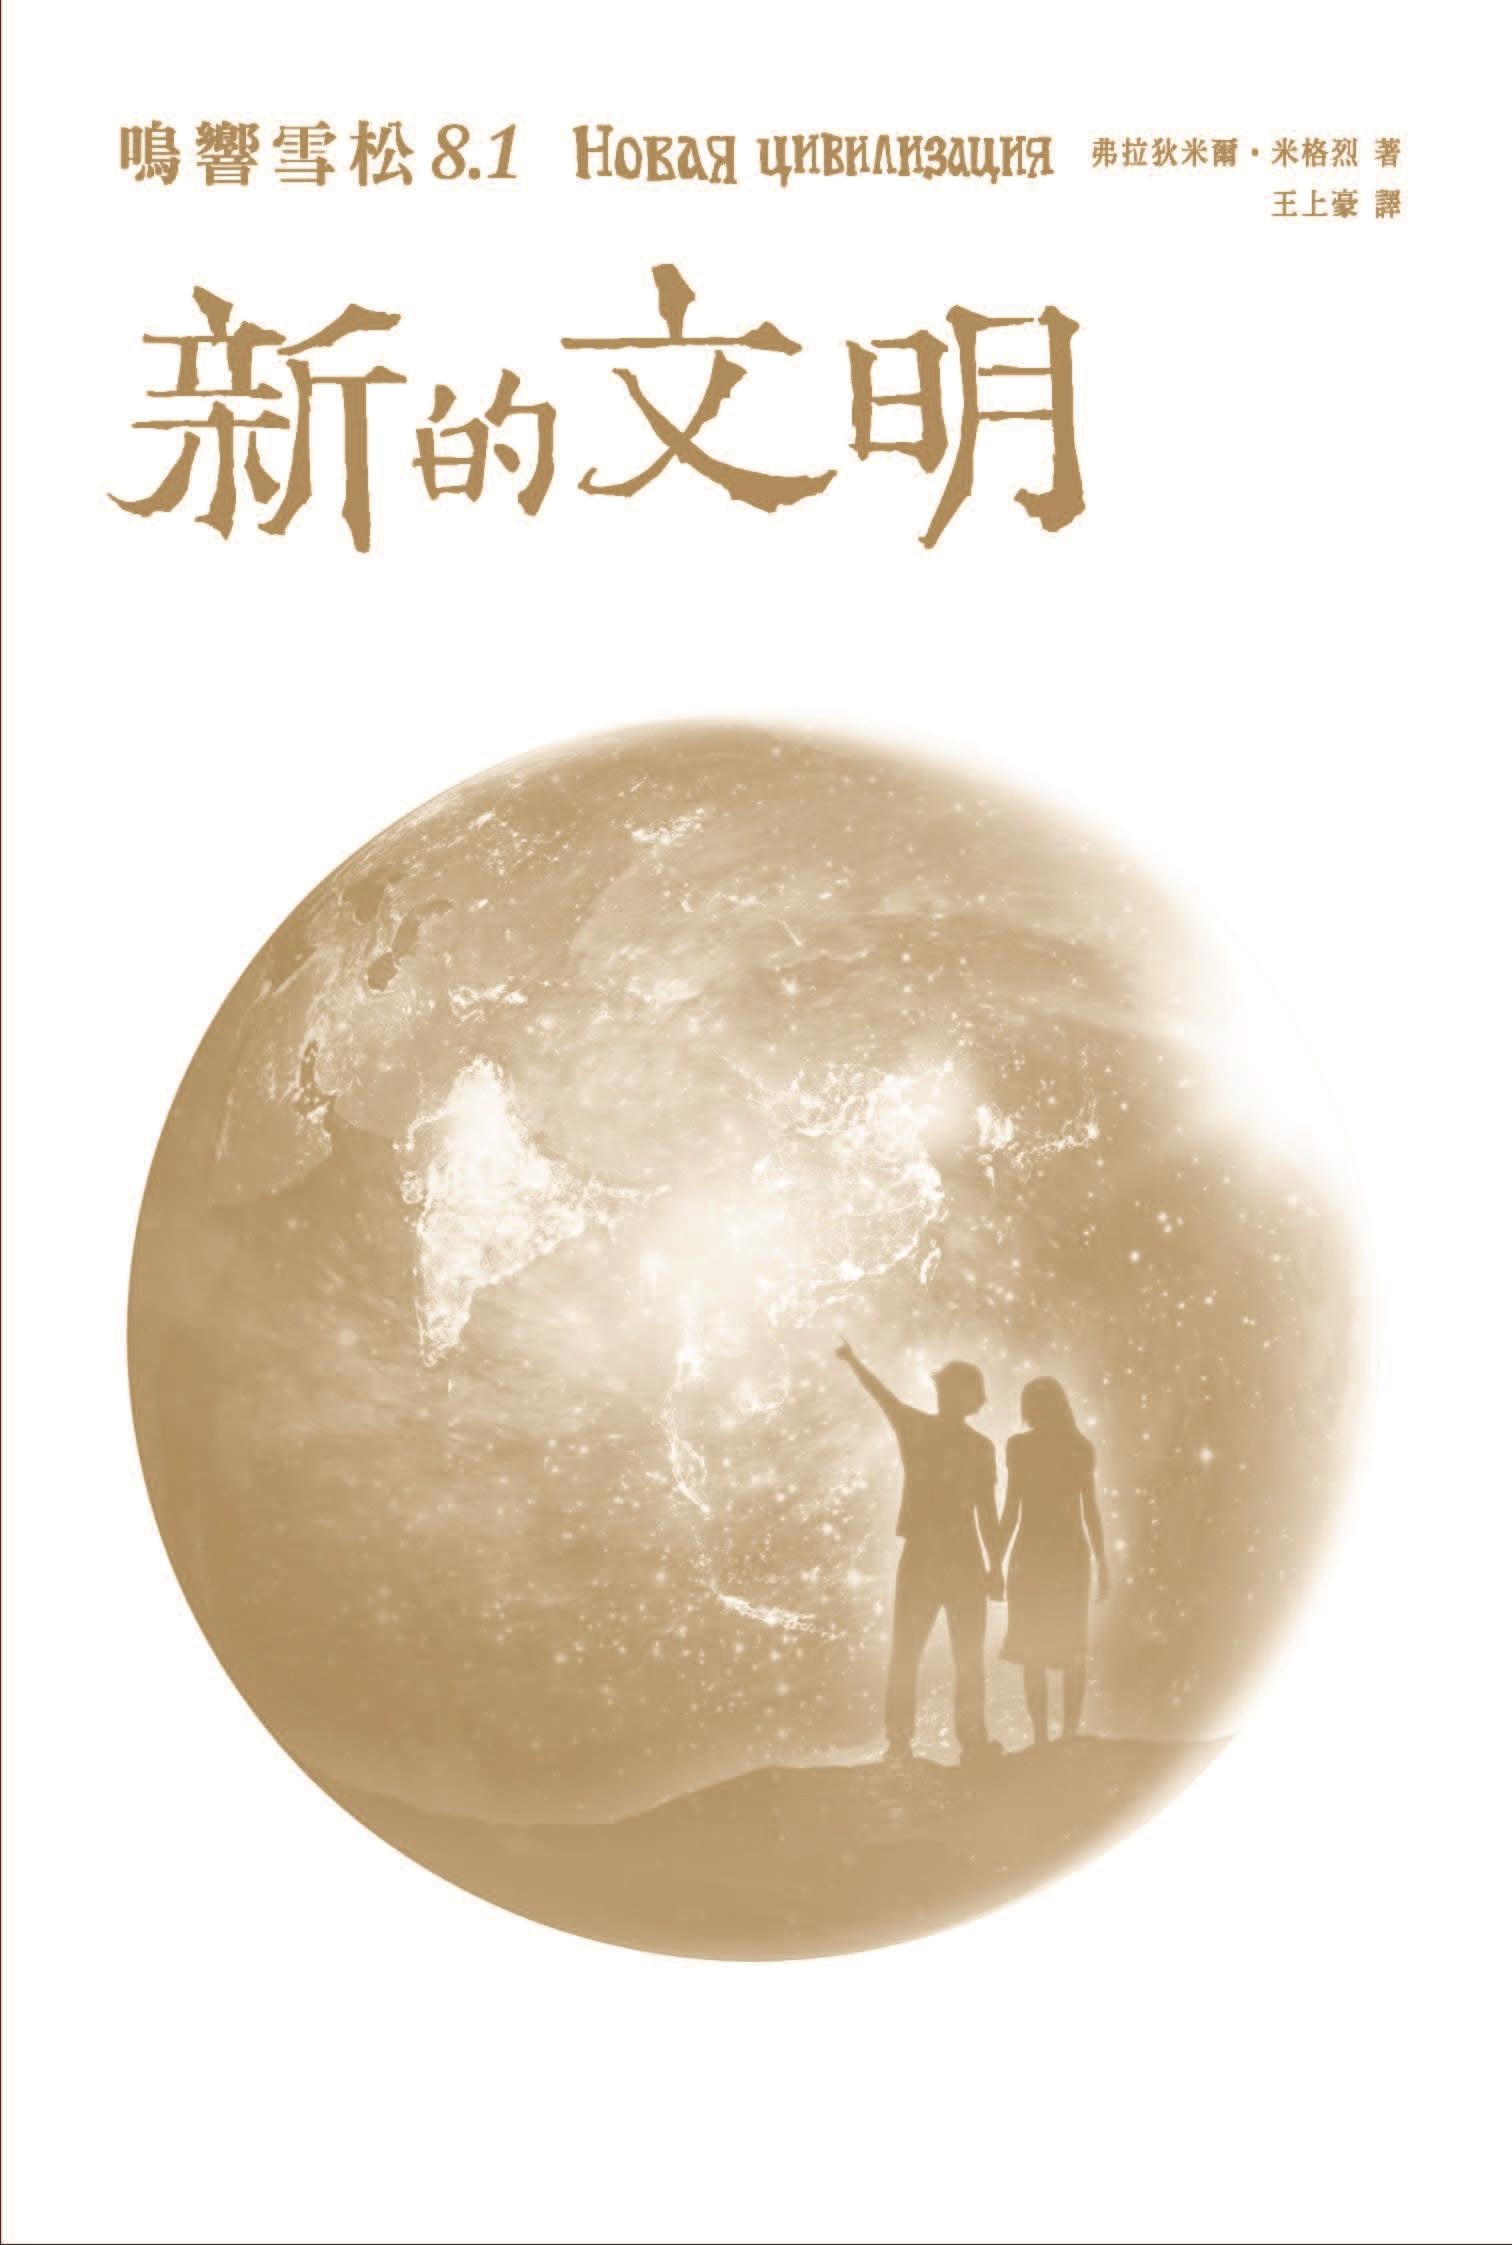 雪松8-新的文明02.jpg